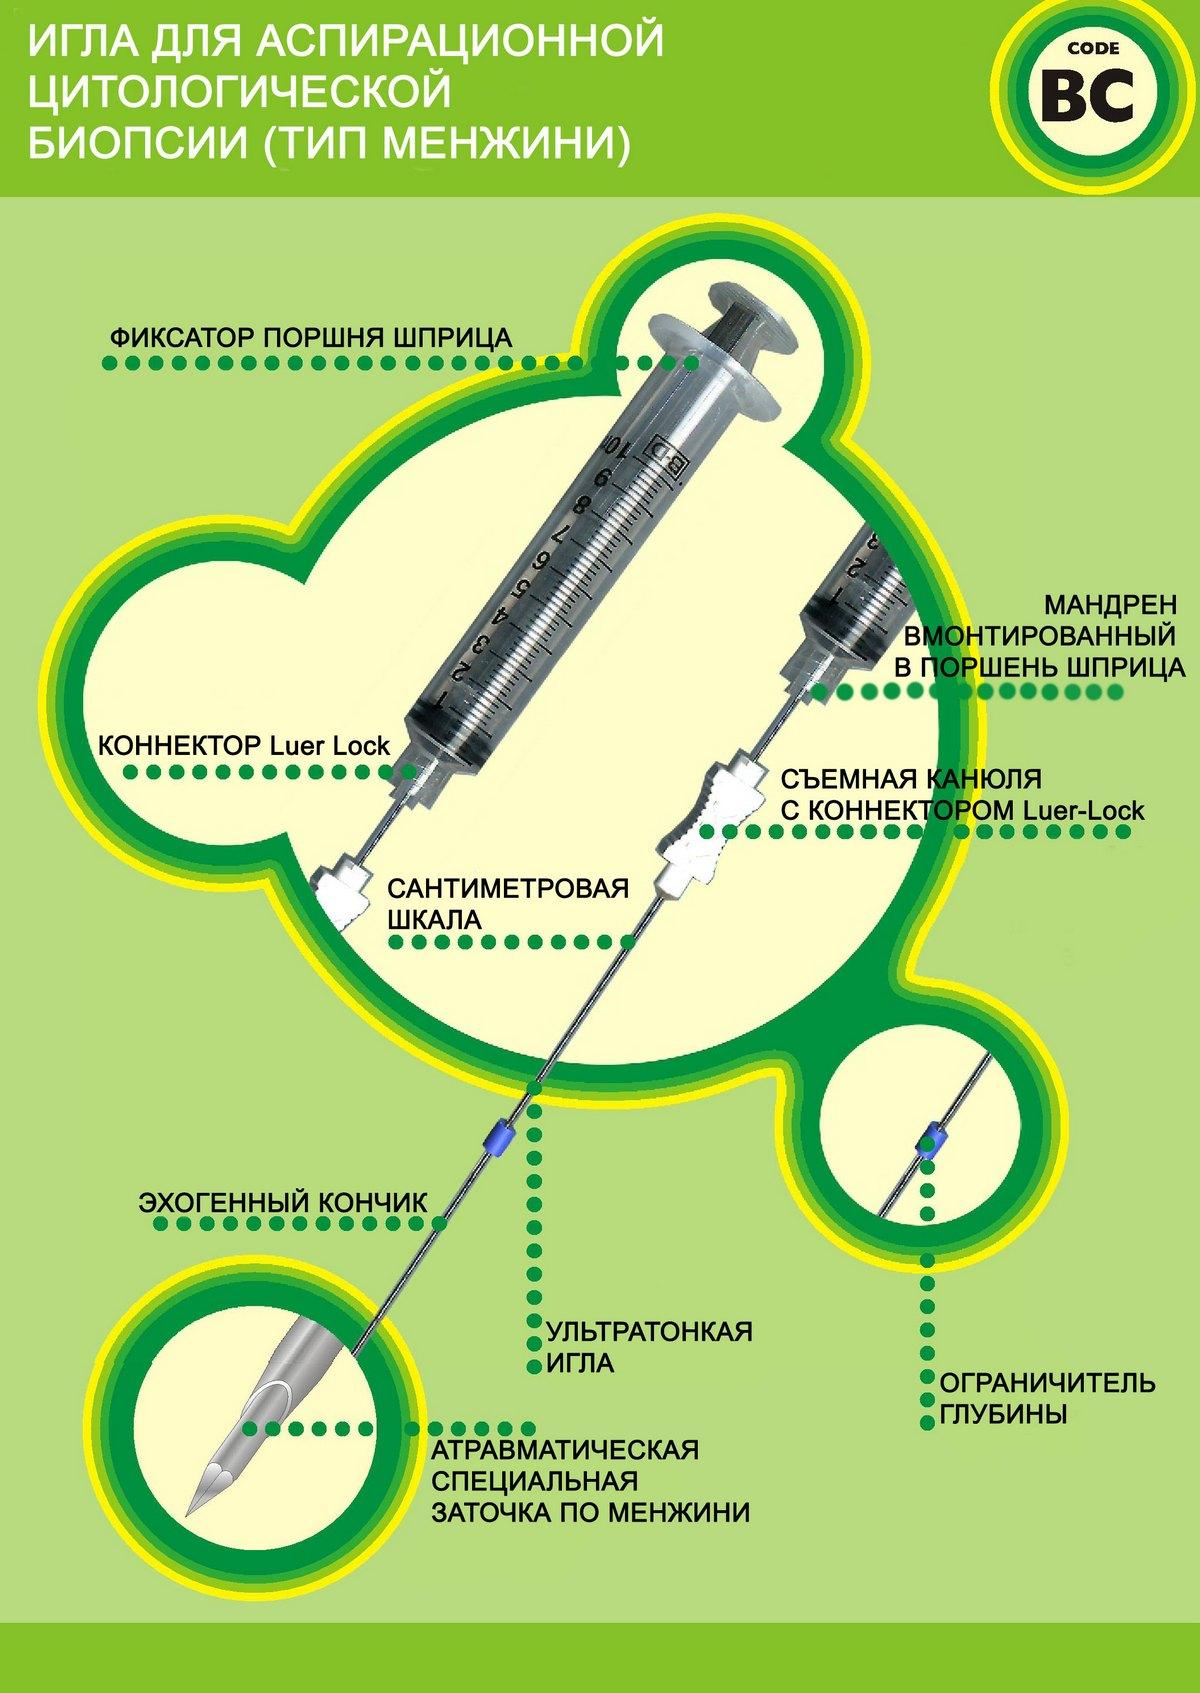 Игла BC для аспирационной гистологической и цитологической биопсии (тип Менжини)